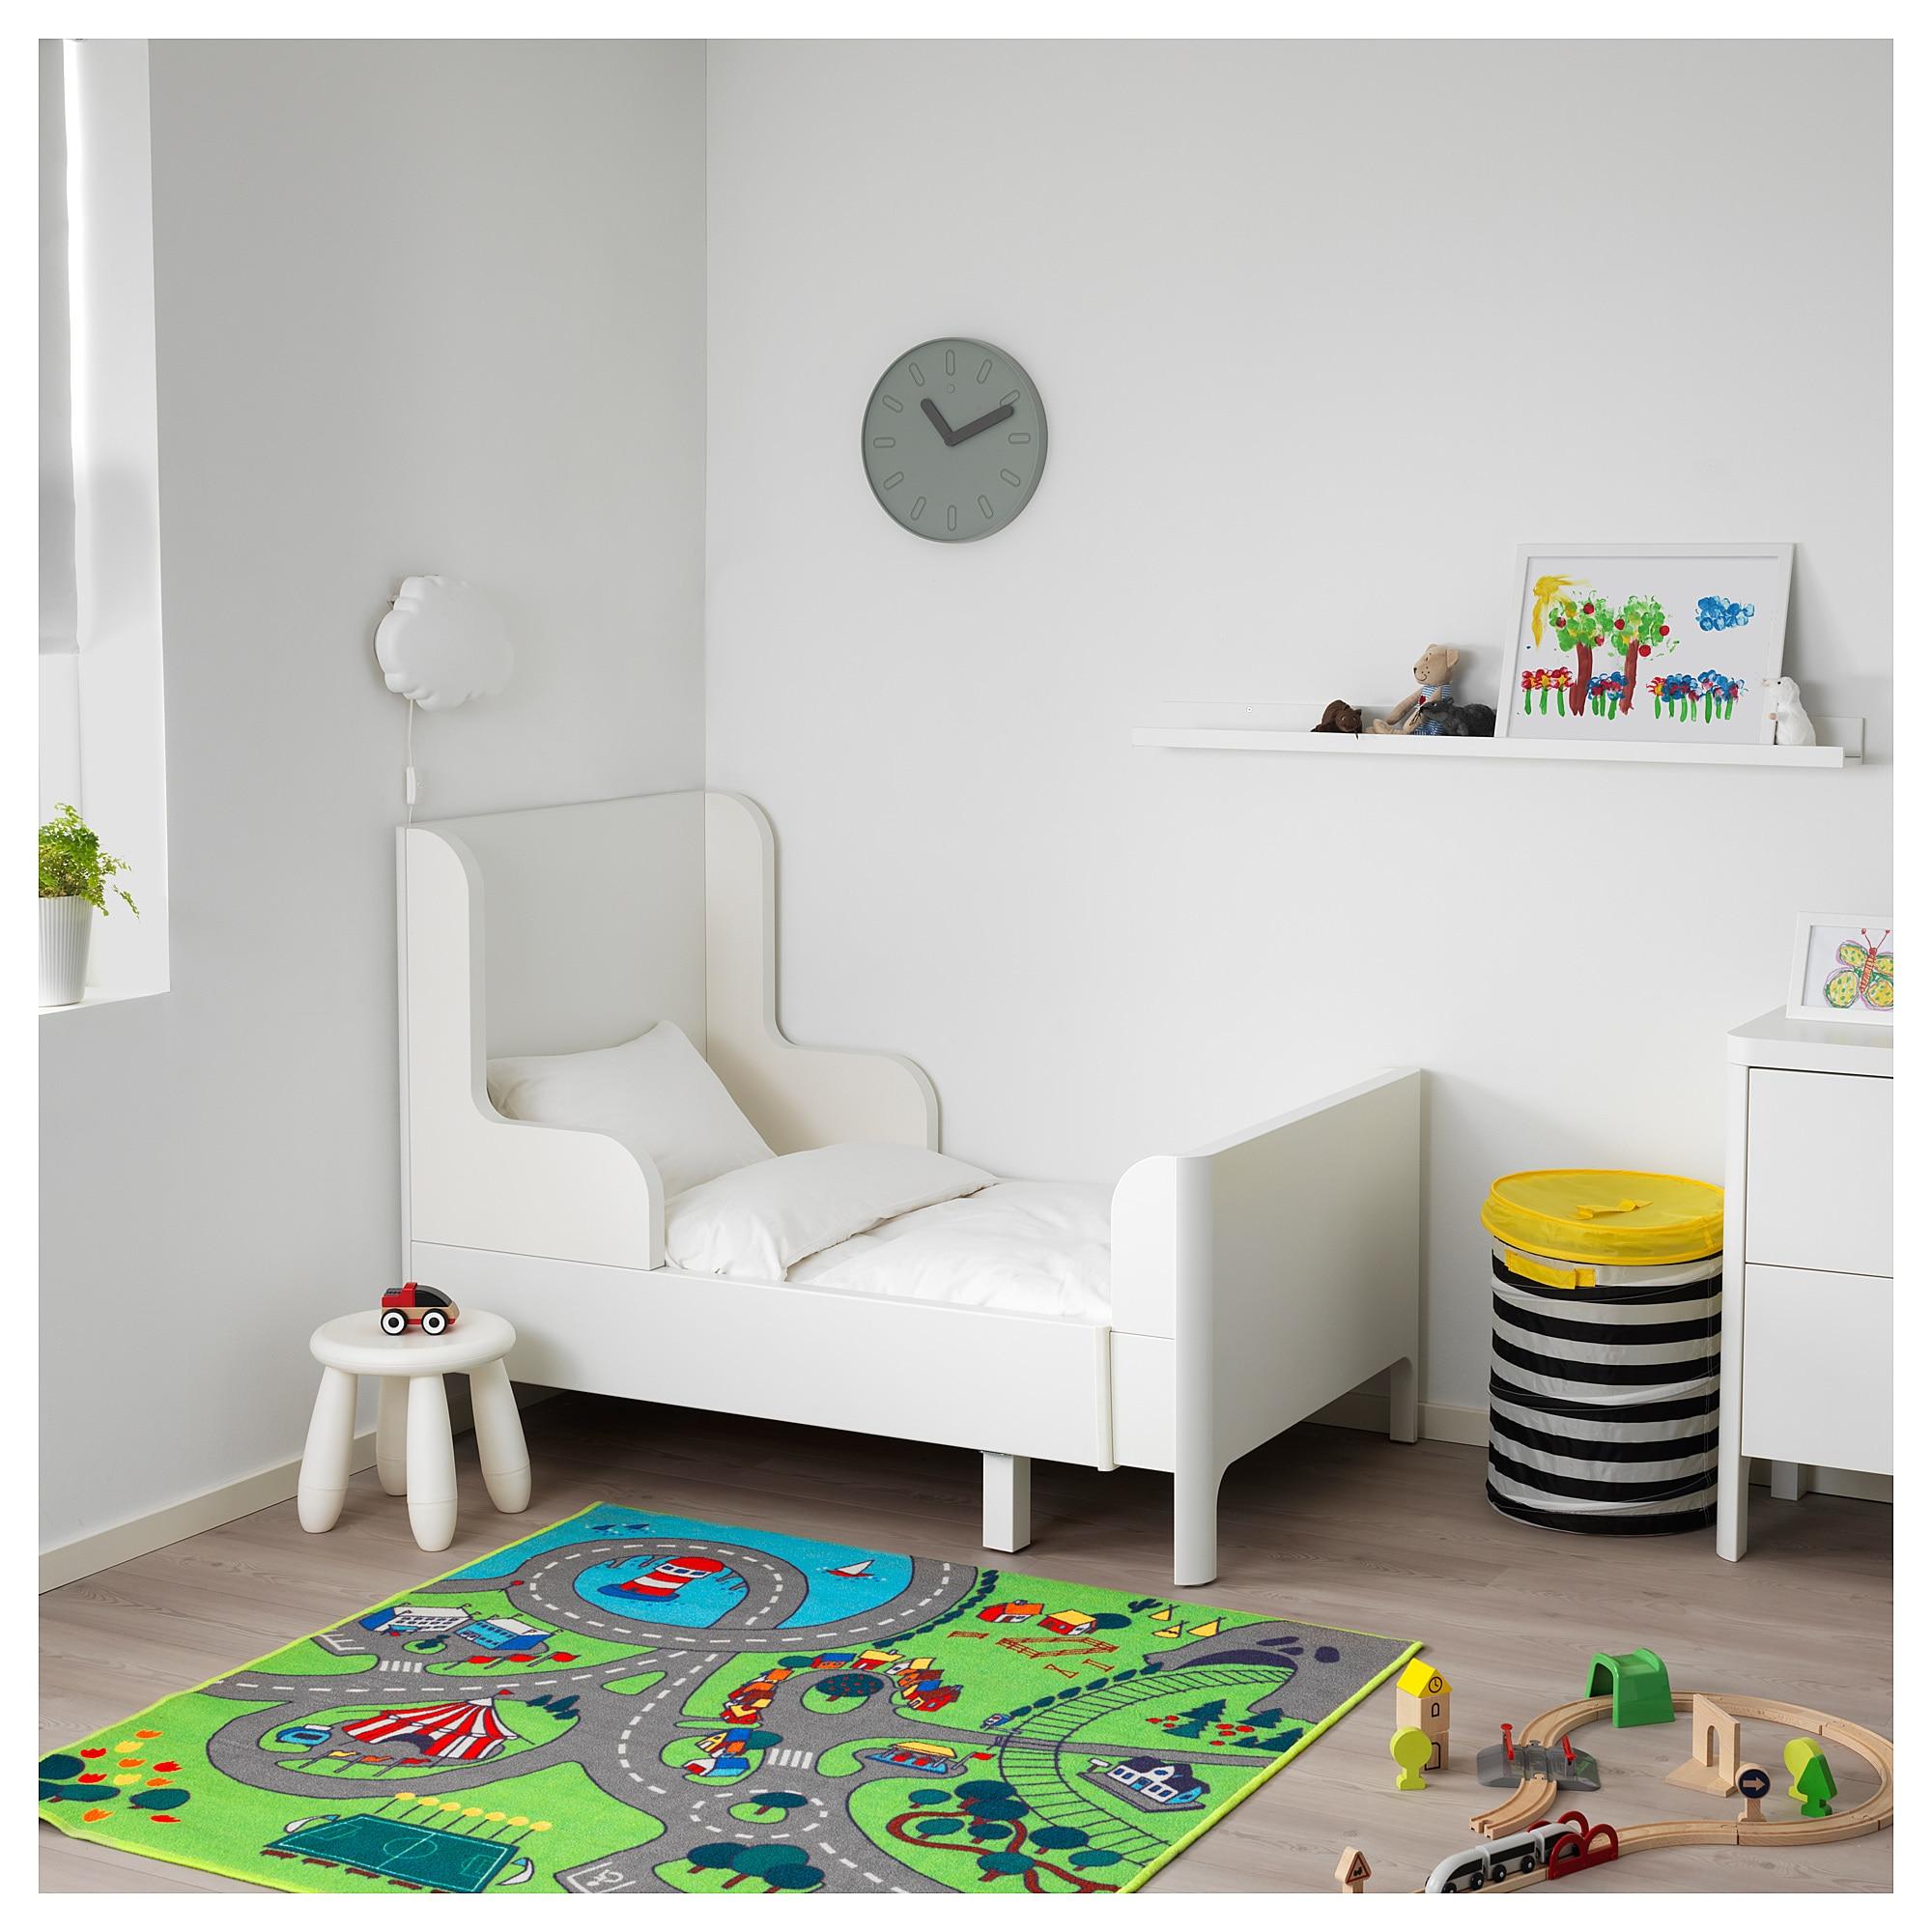 Full Size of Jugendzimmer Ikea Und Maisons Du Monde Cerise Bett Betten 160x200 Sofa Modulküche Küche Kosten Bei Kaufen Mit Schlaffunktion Miniküche Wohnzimmer Jugendzimmer Ikea